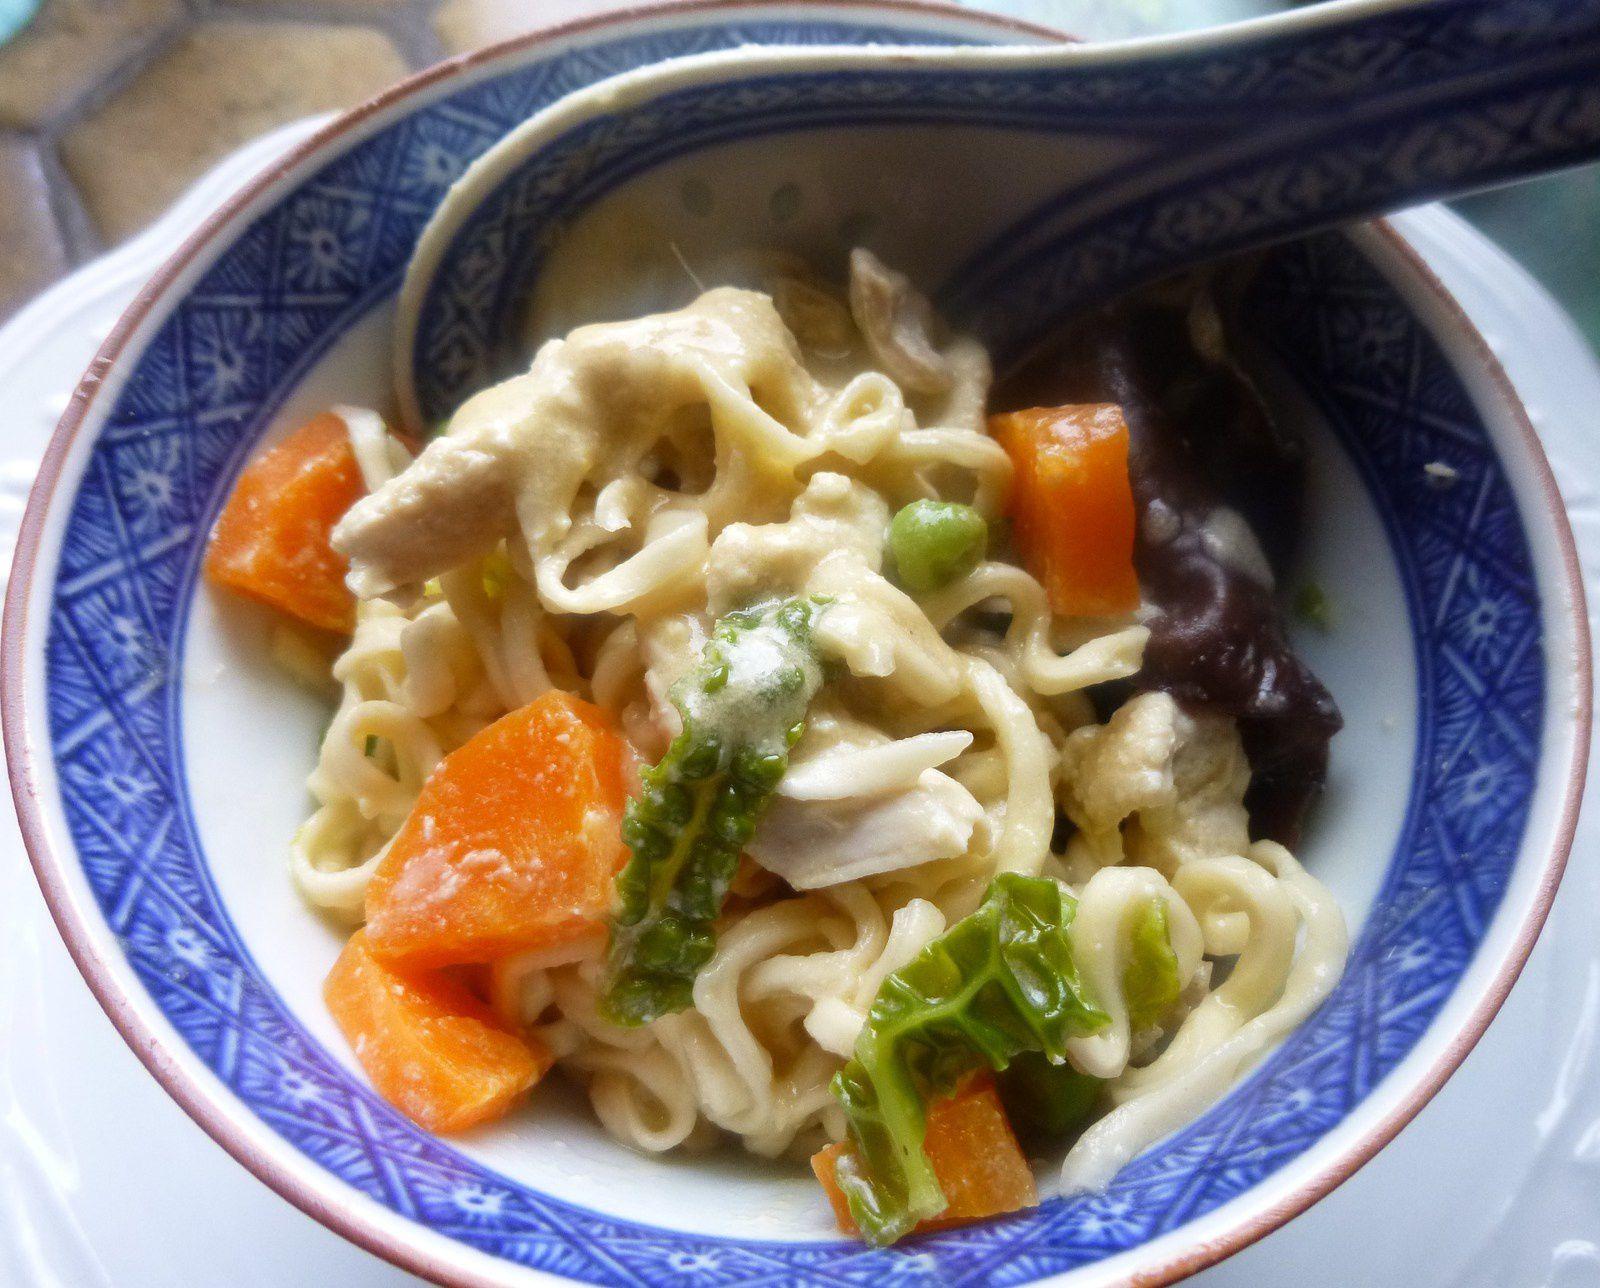 Repas complet aux saveurs asiatiques